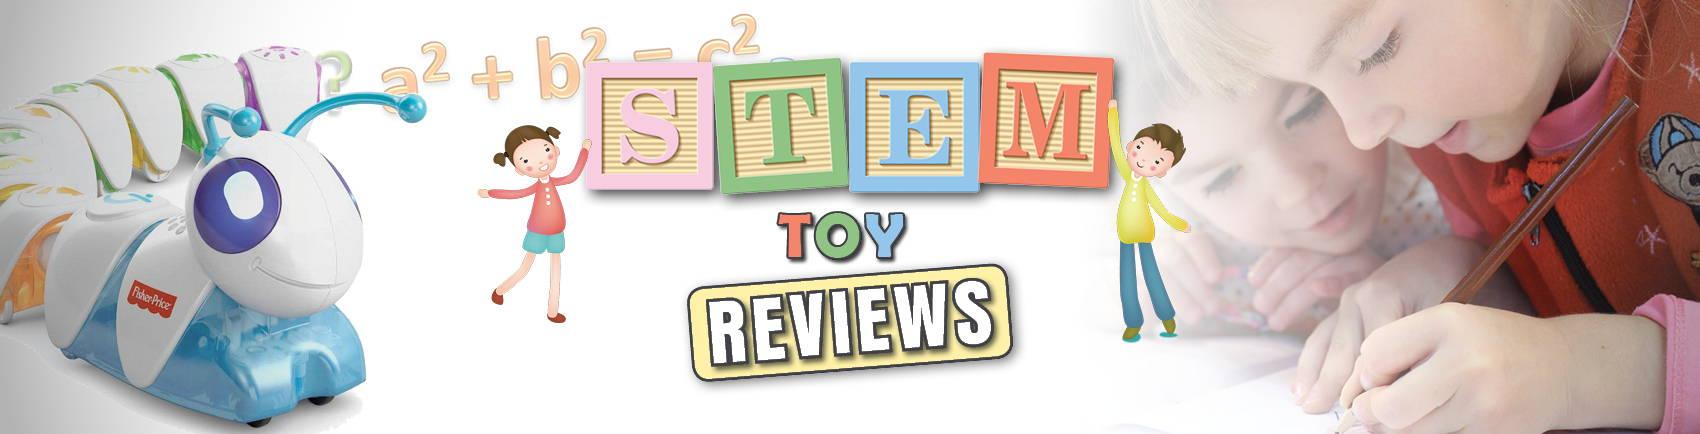 eden shack stem toy reviews banner